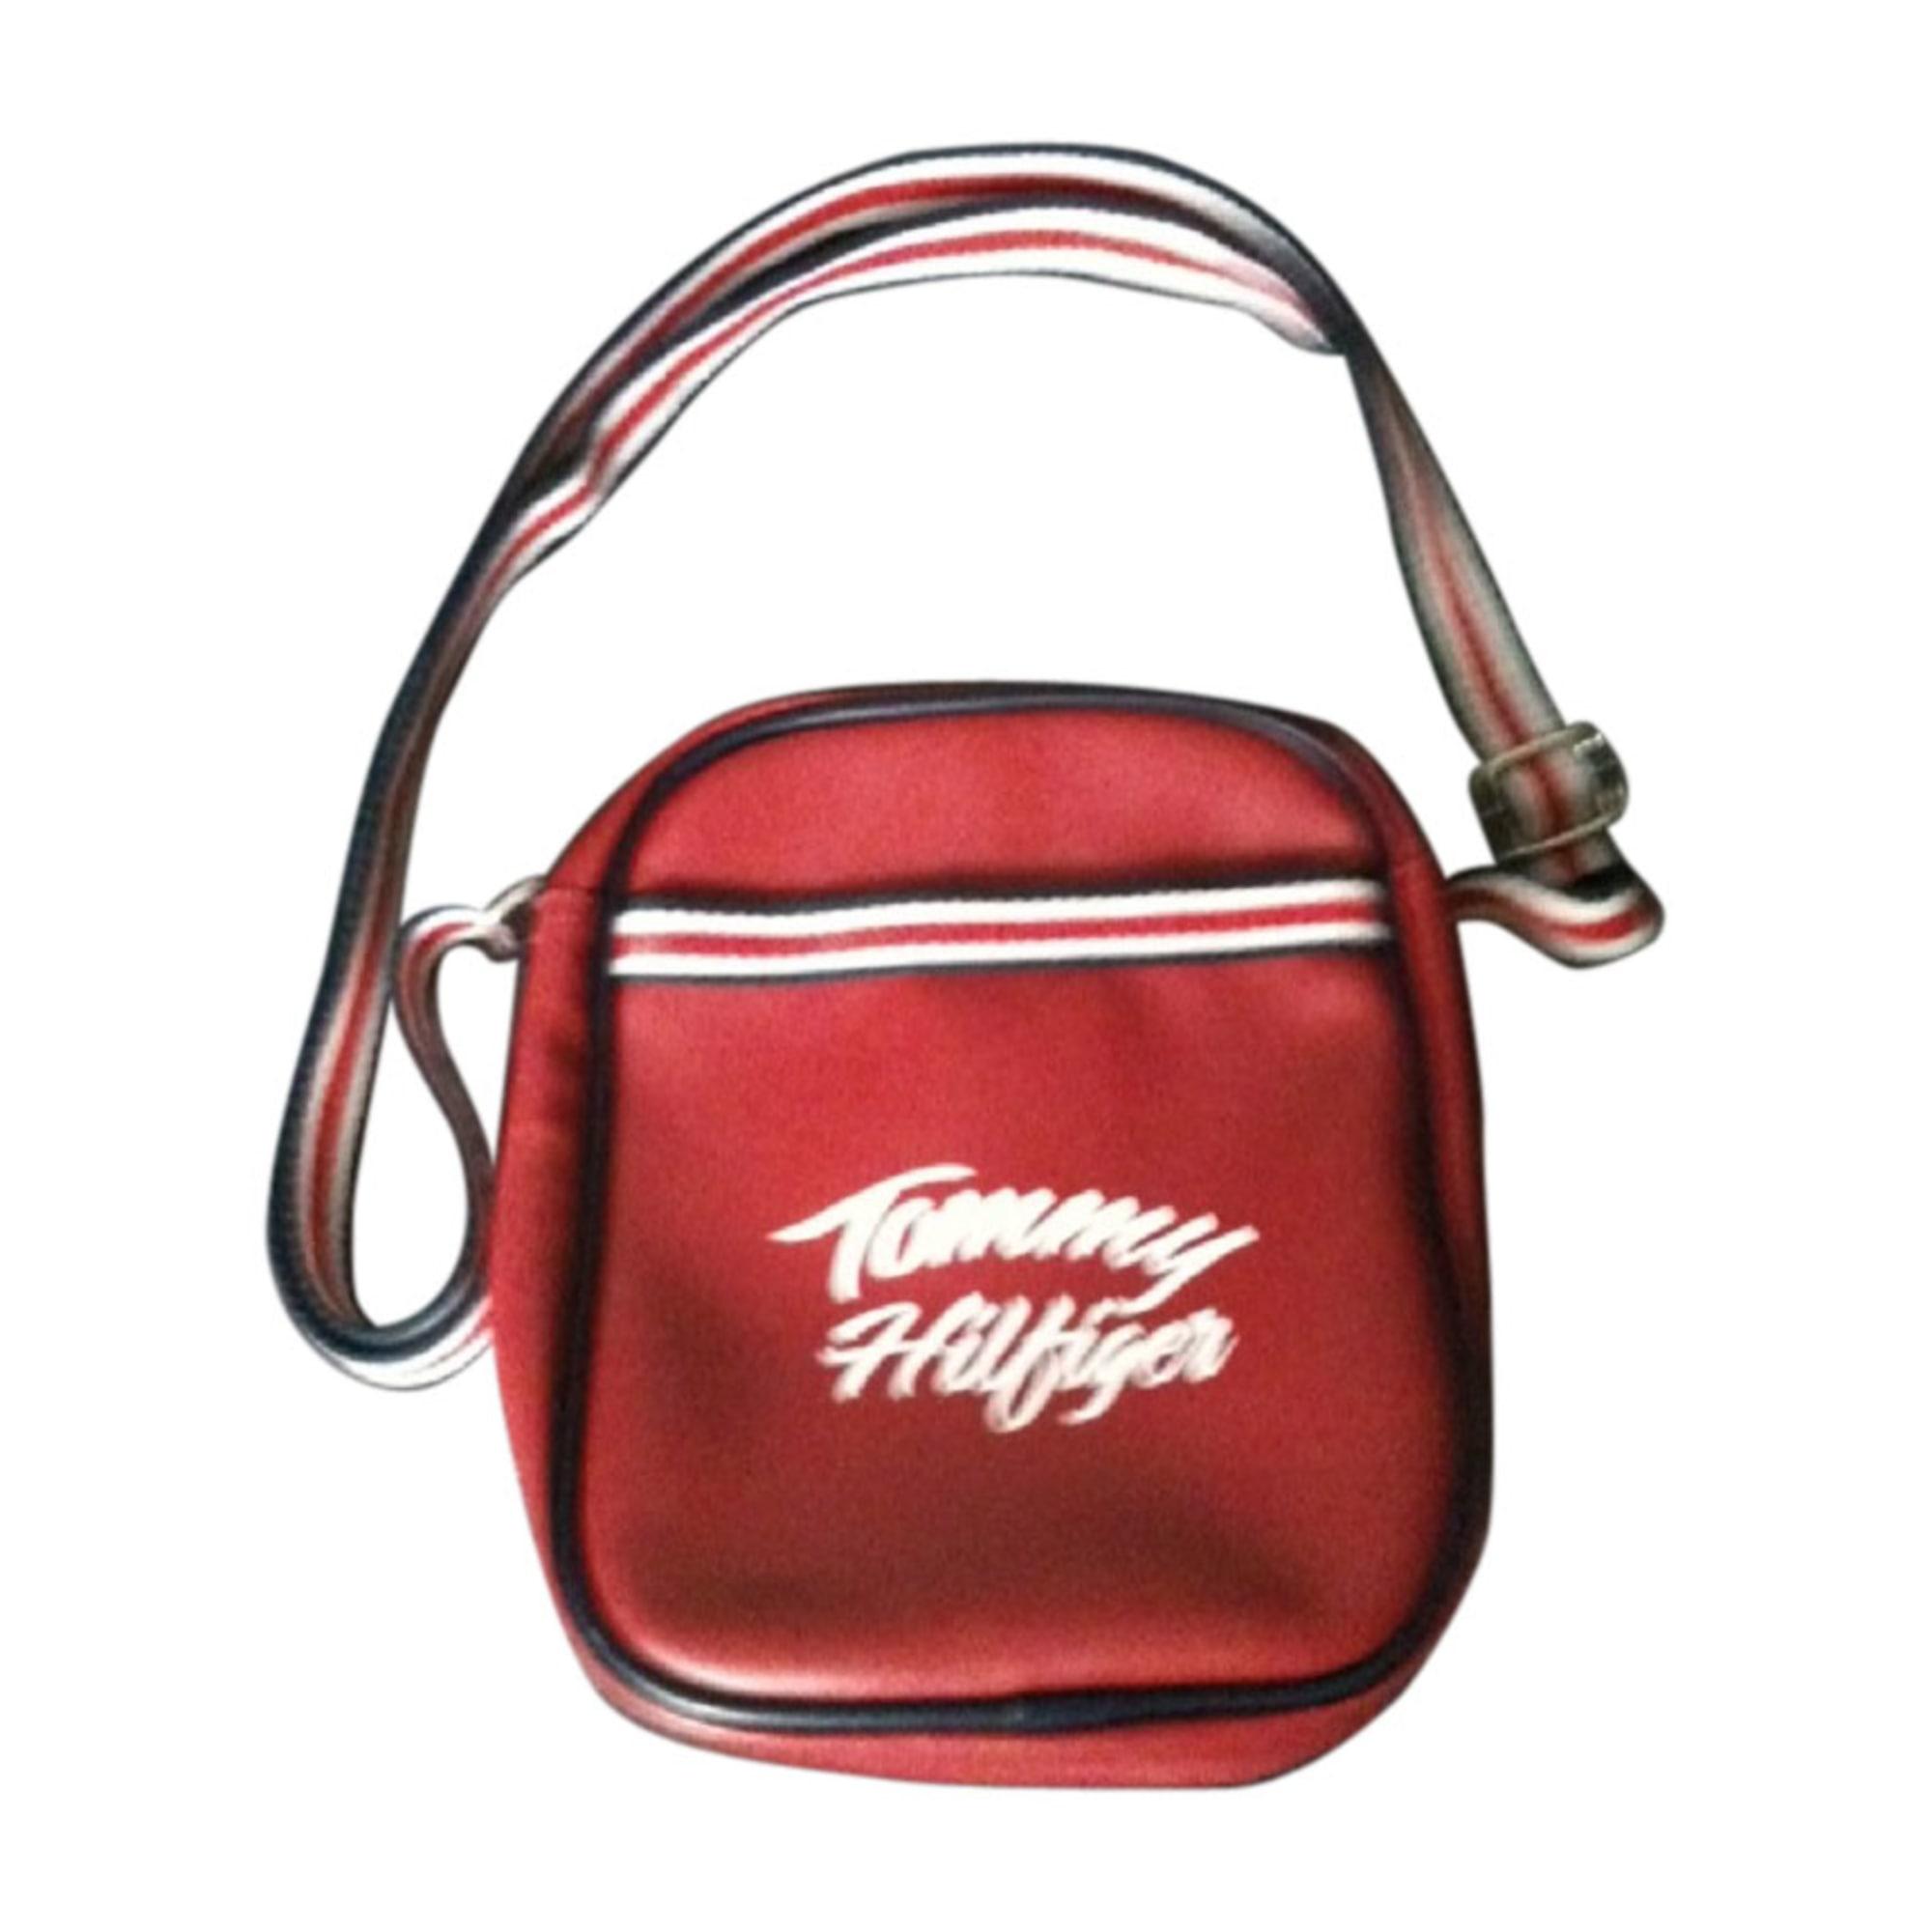 Pochette en bandoulière TOMMY HILFIGER Rouge, bordeaux